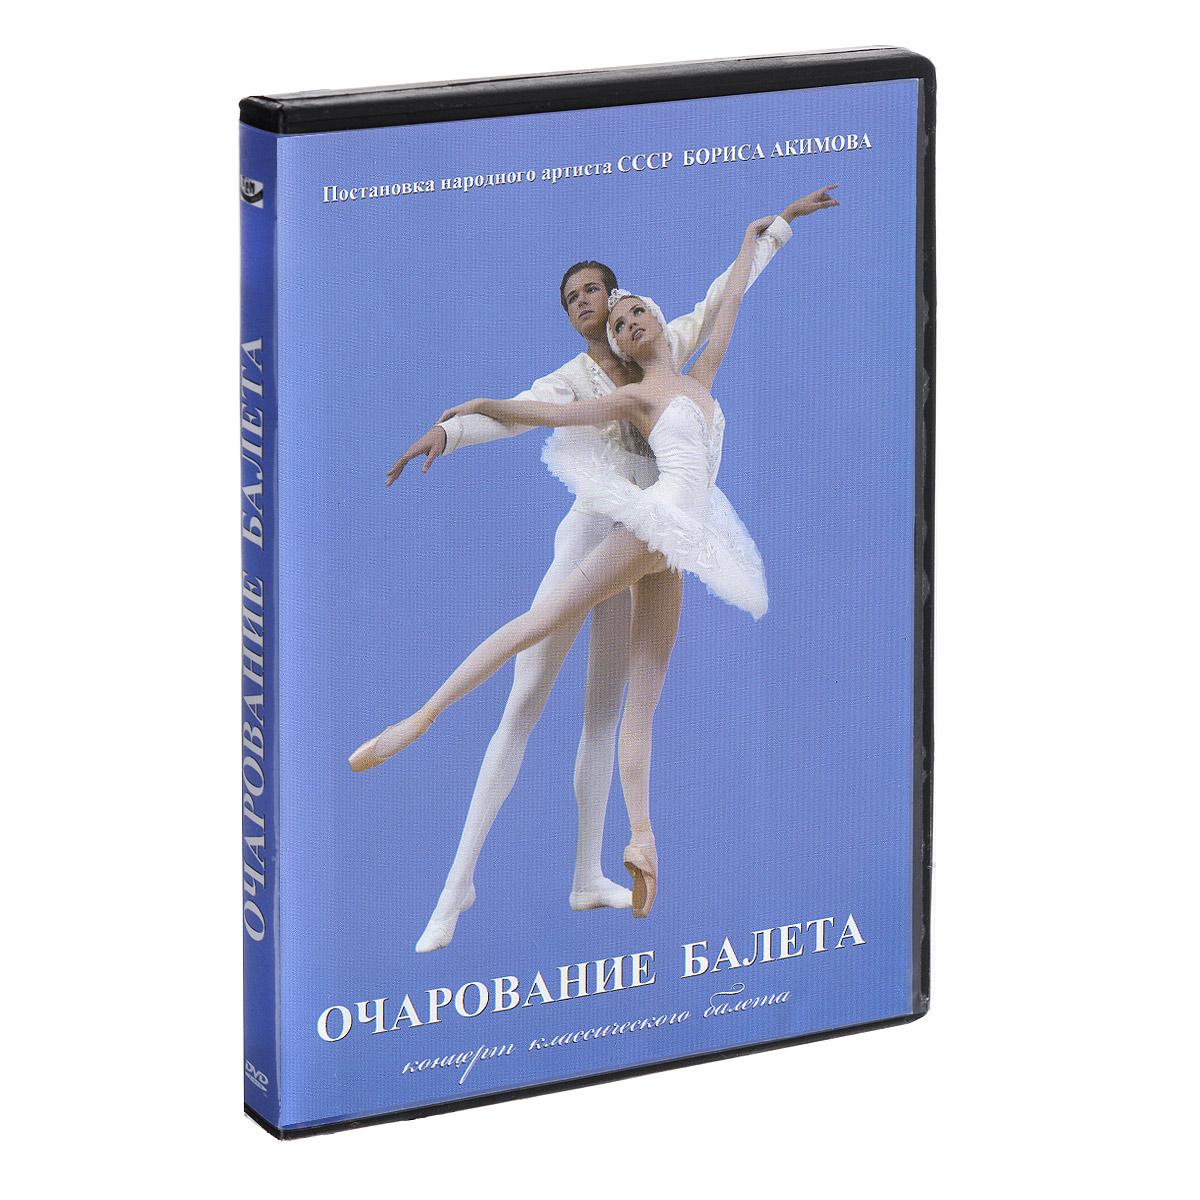 Очарование балета: Концерт классического балета натан рыбак ошибка онорэ де бальзака